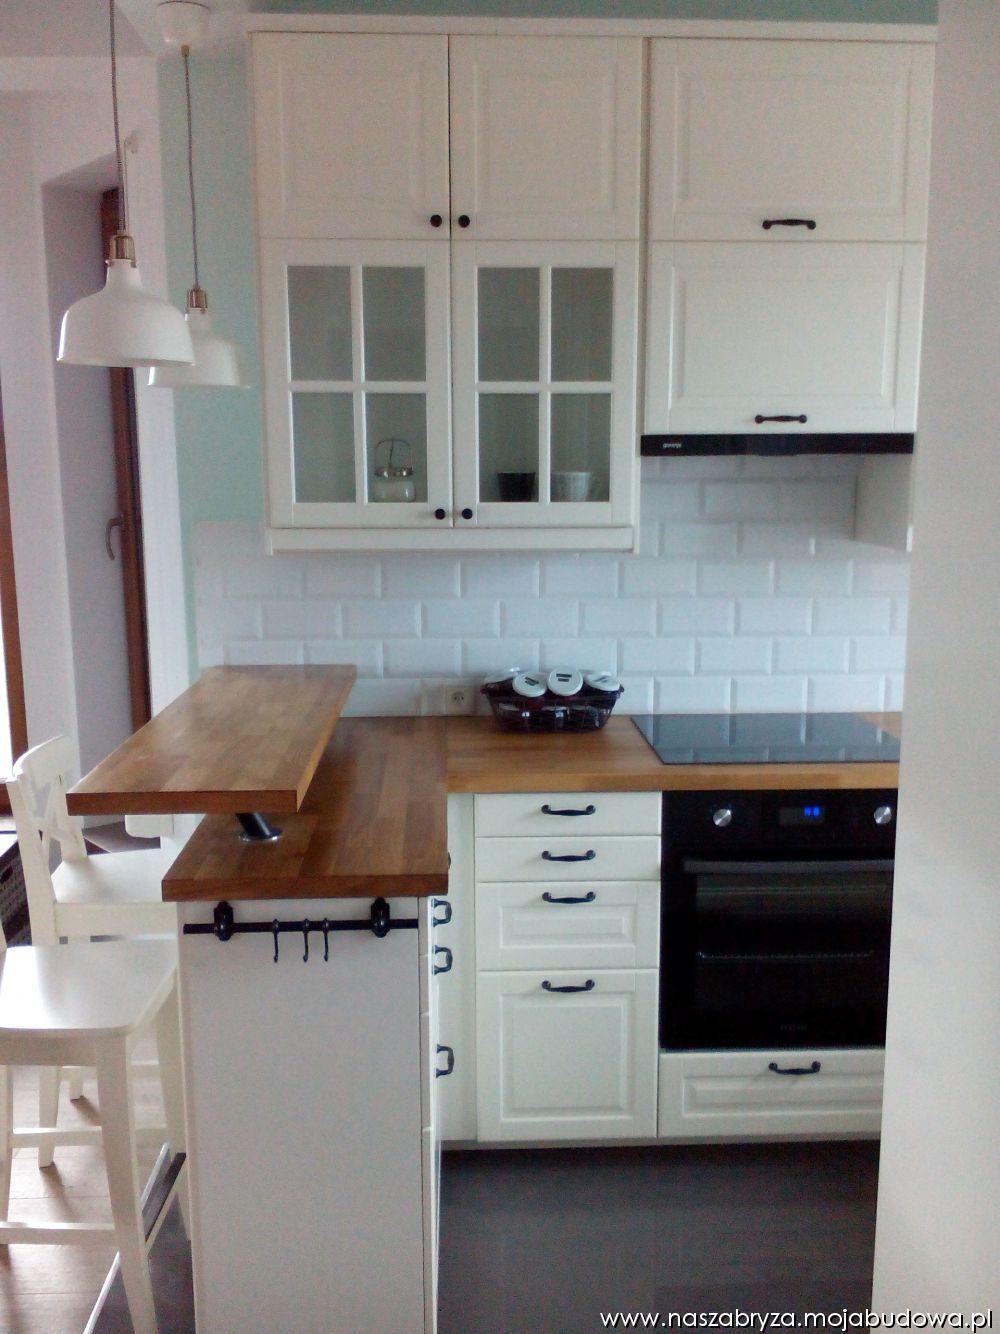 Full Size of Ikea Küchenzeile Kche Bodbyn Mit Essthresen Haus Kchen Betten 160x200 Küche Kosten Sofa Schlaffunktion Miniküche Kaufen Bei Modulküche Wohnzimmer Ikea Küchenzeile